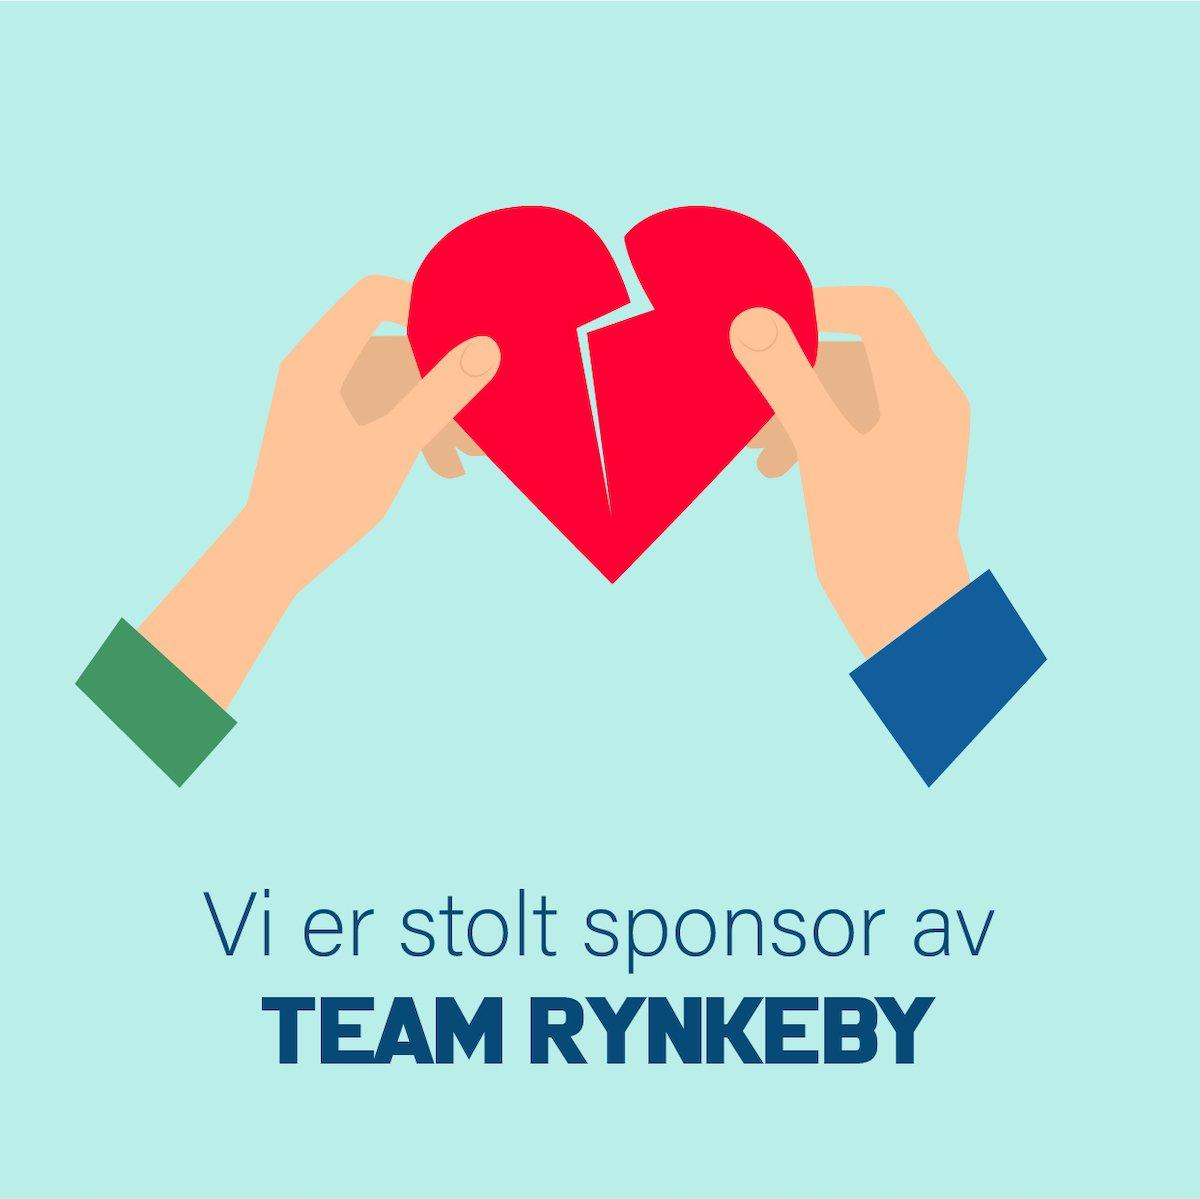 Ferda, sponsor av TeamRynkeby